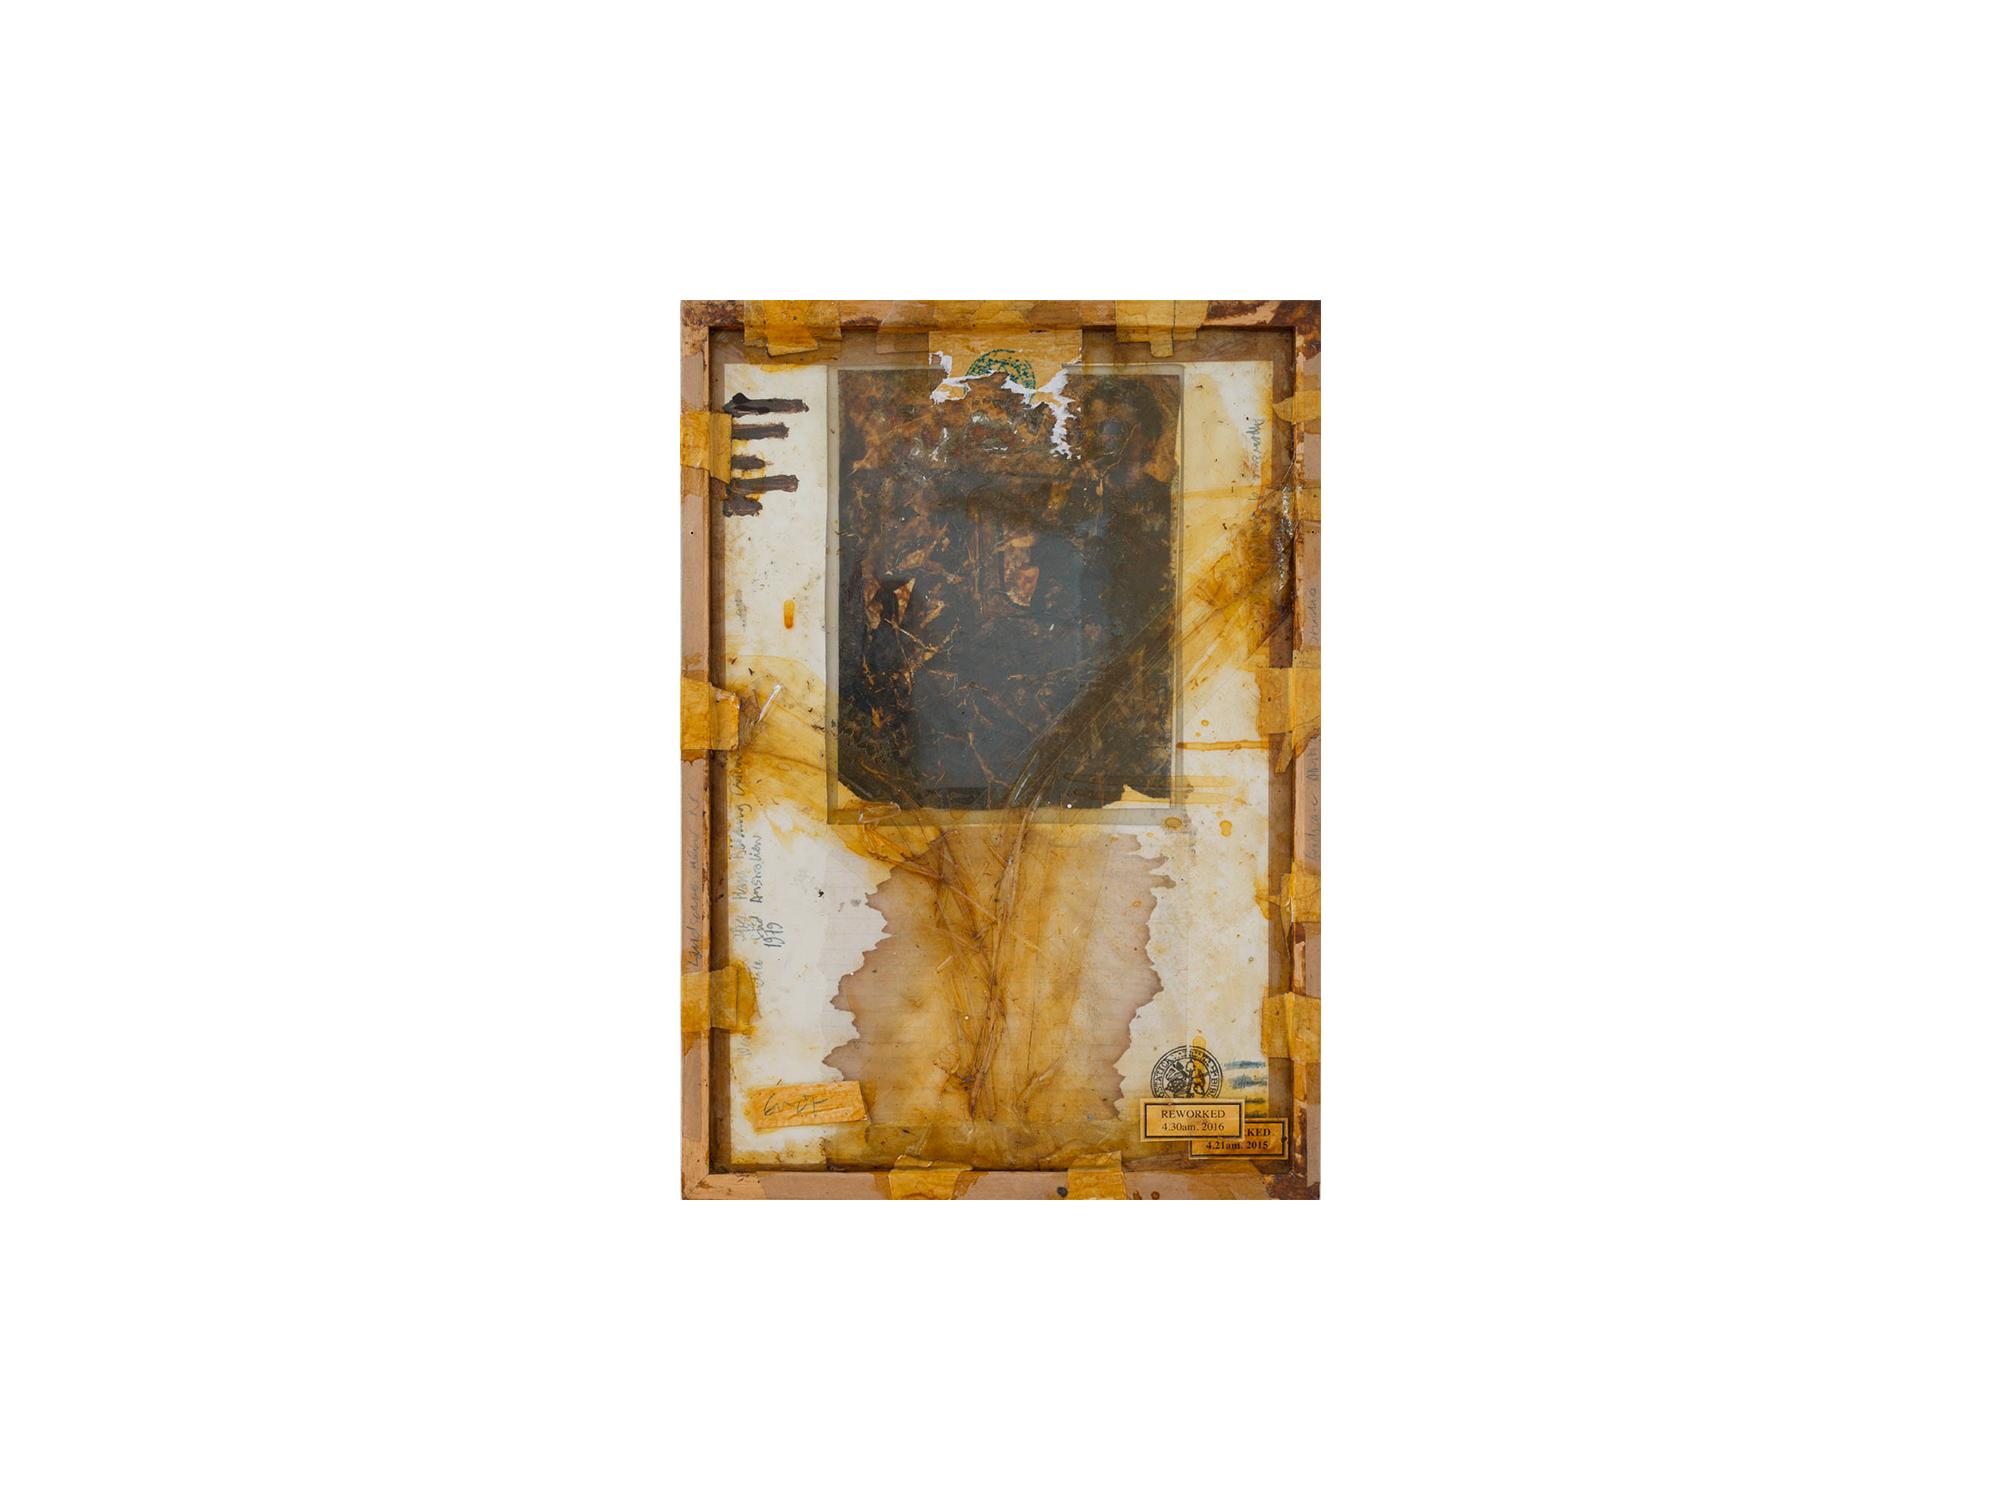 Bernard Sachs   Weather Witches (After Hans Baldung Grien) , 2016 mixed media on card 46 x 33cm  ARTIST BIO